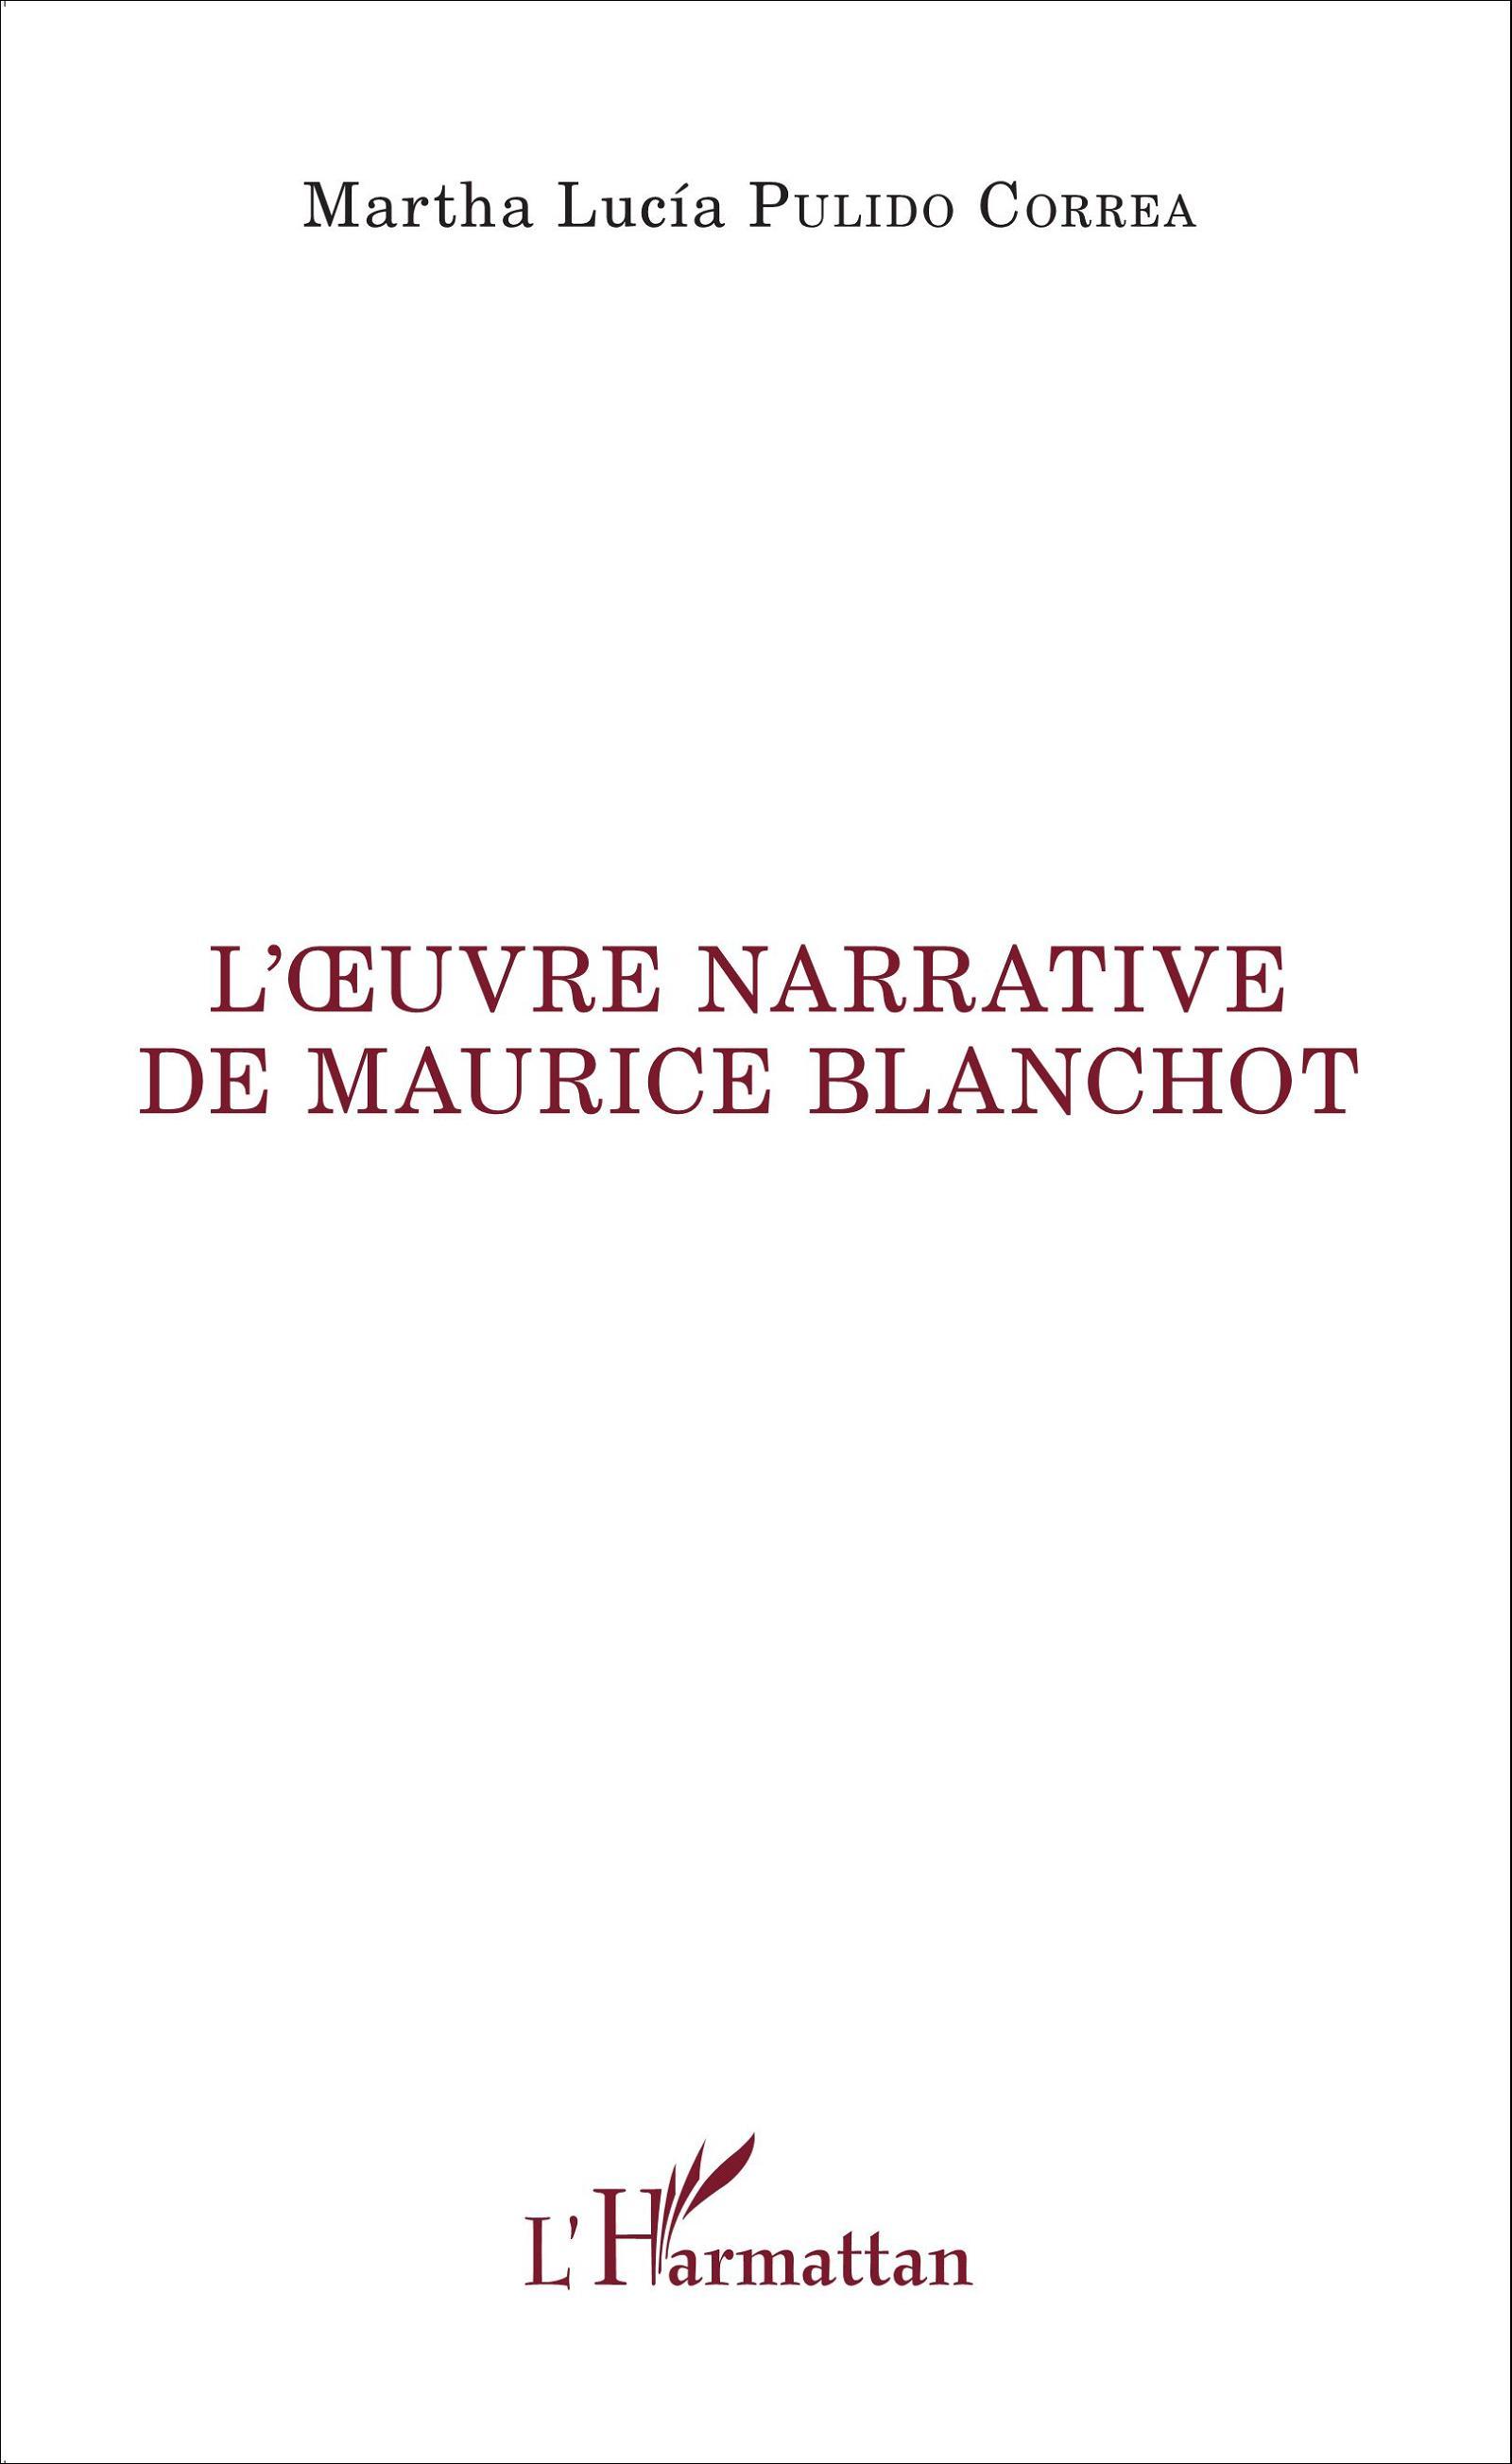 M. L. Pulido Correa, L'Œuvre narrative de Maurice Blanchot